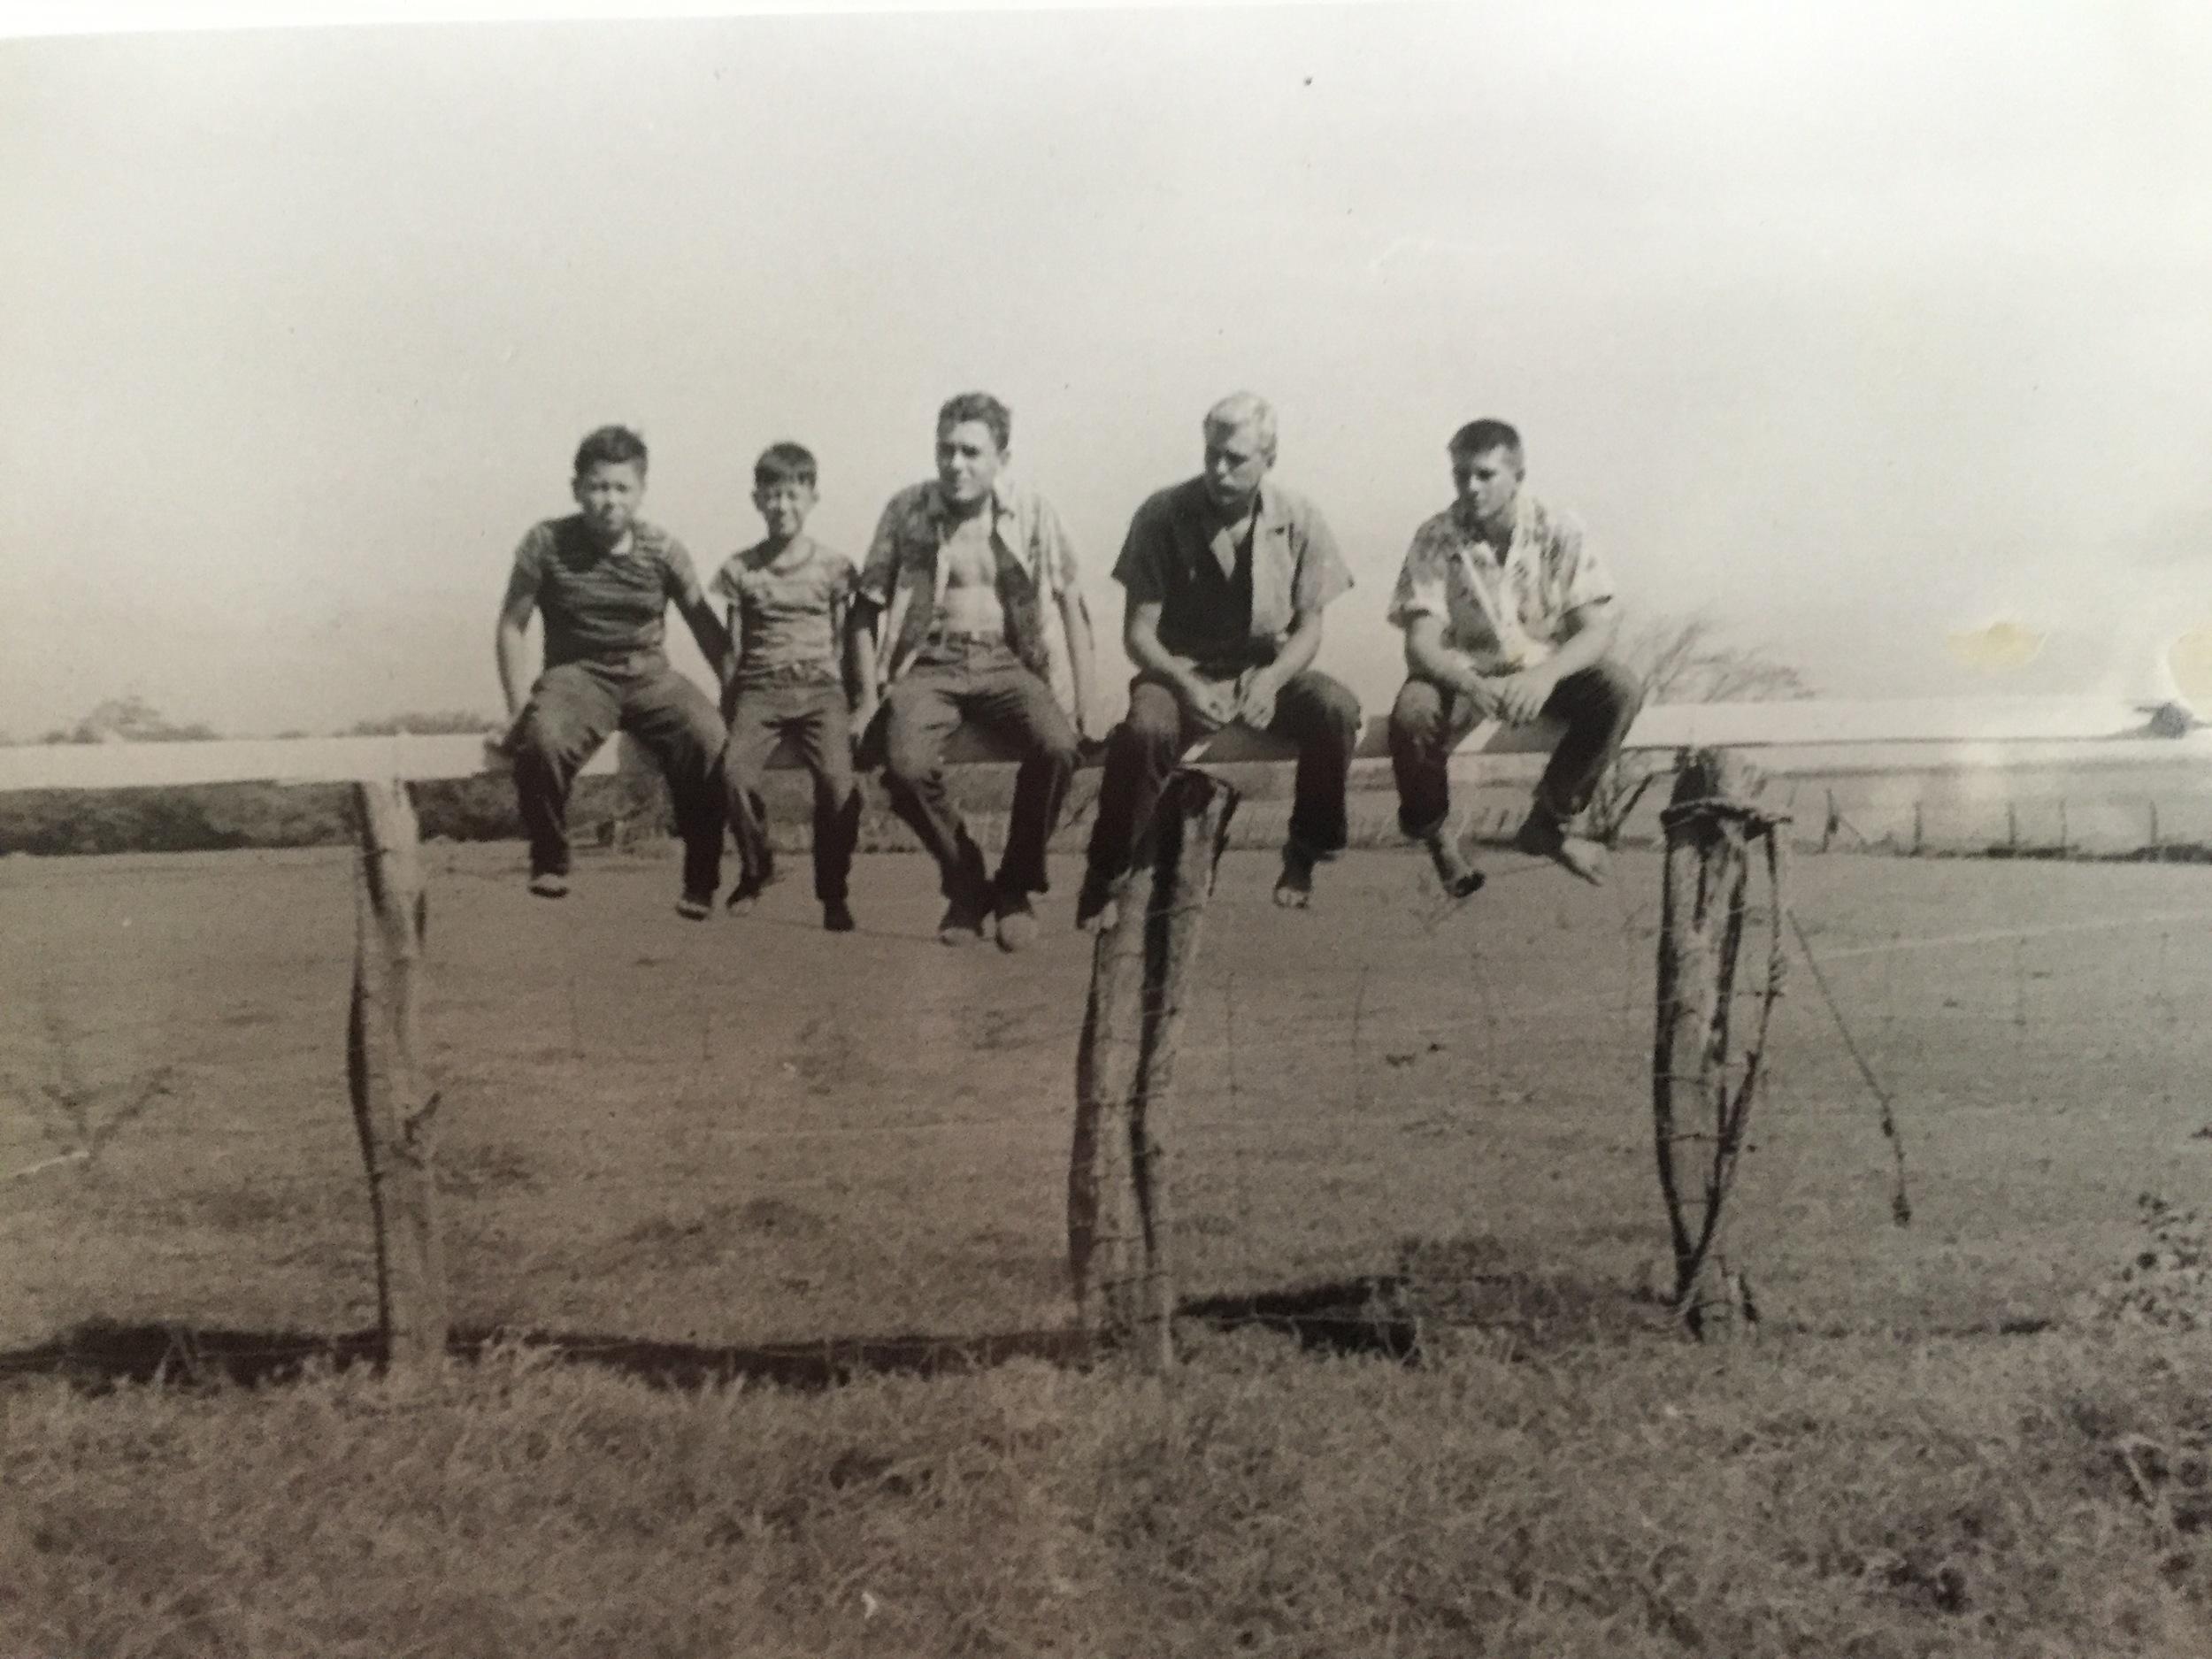 Boys on the Fence